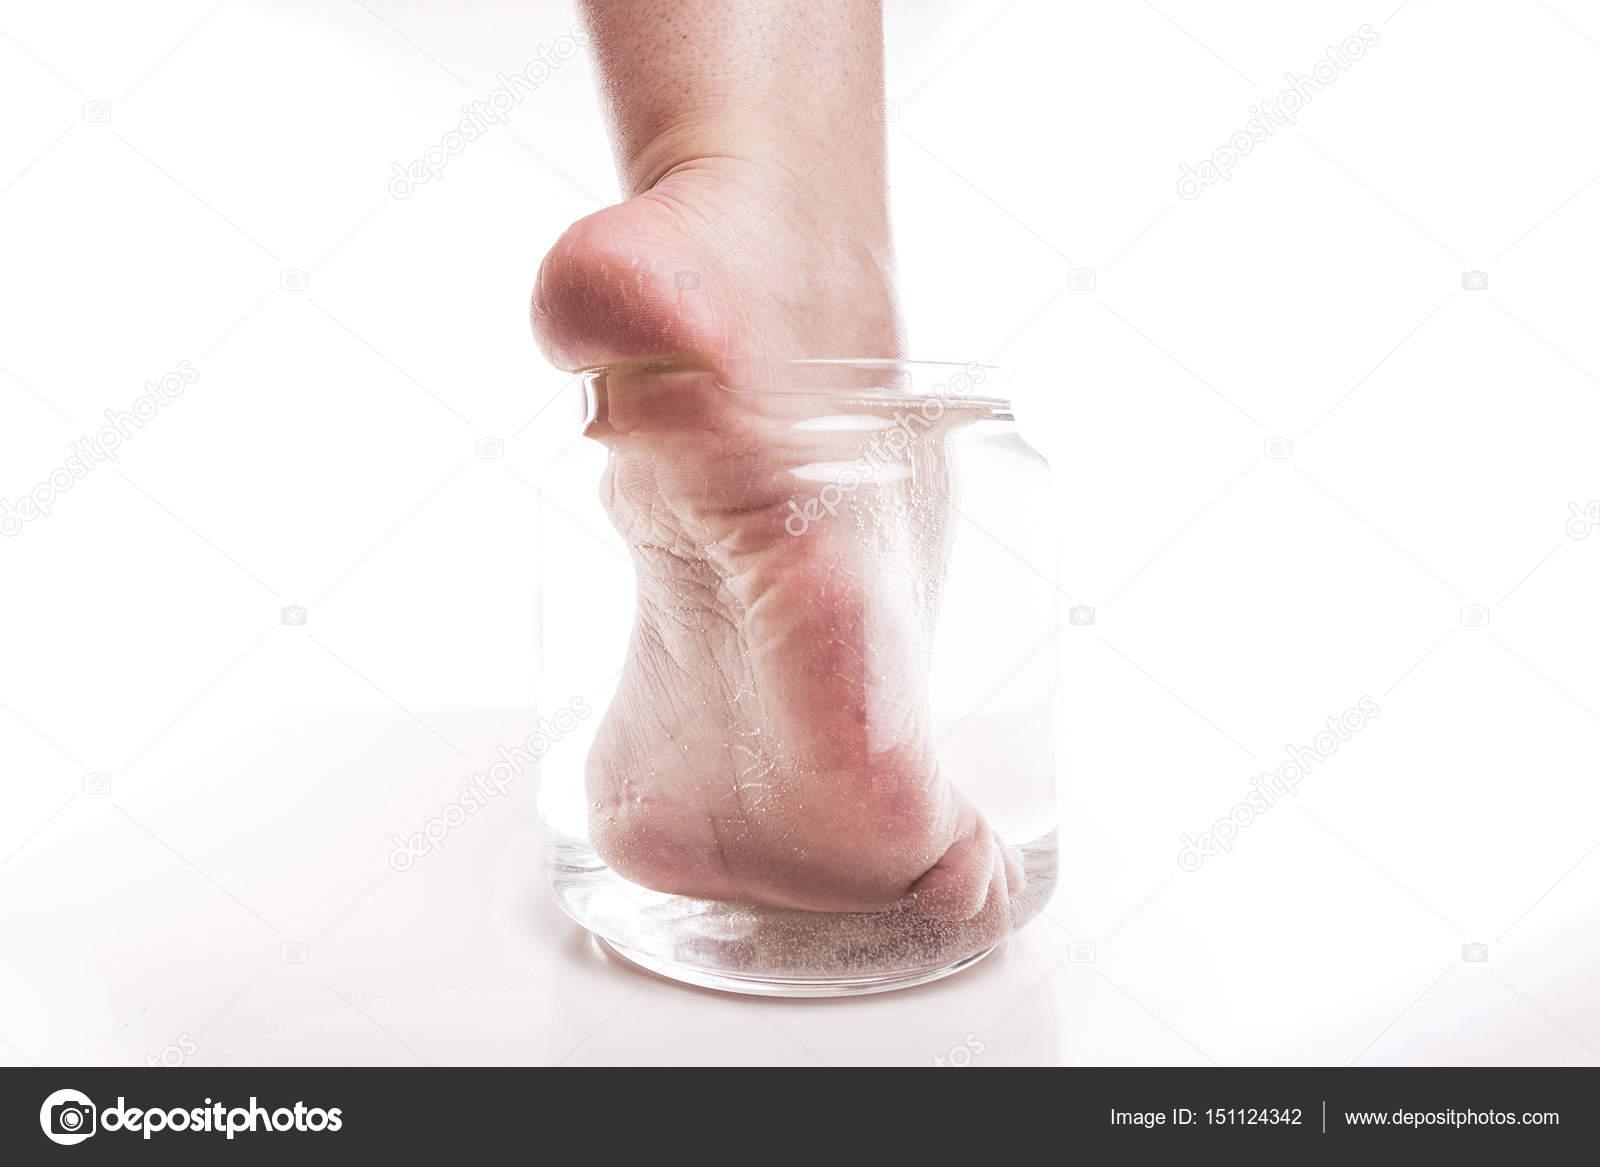 vatten i foten